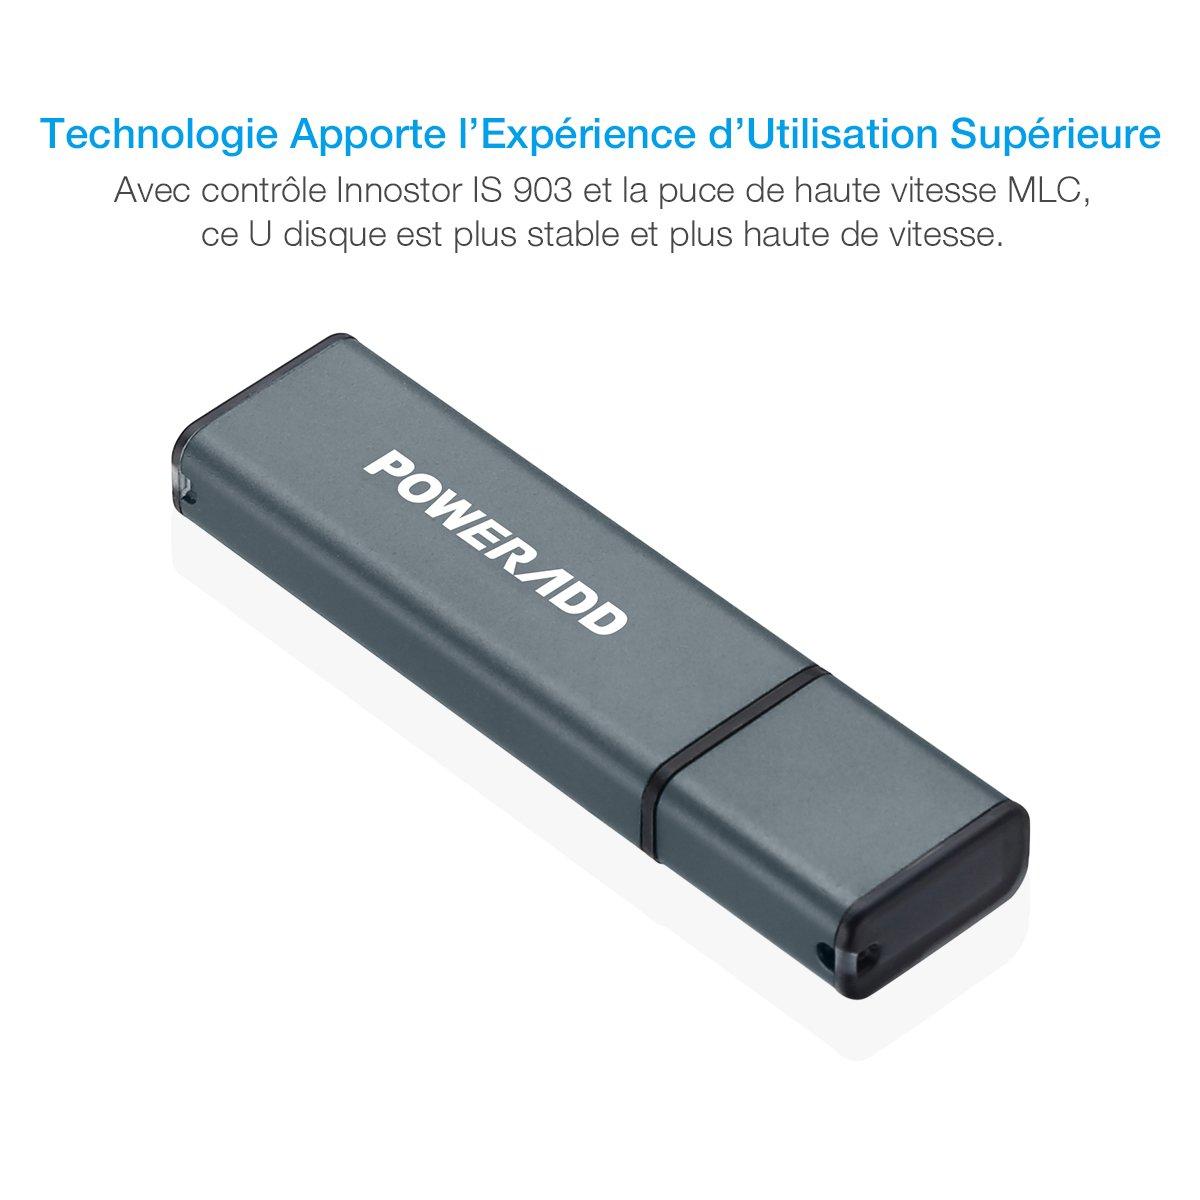 Poweradd clé USB 3.0 32G avec la vitesse rapide de lecture et d\'écriture jusqu'à 200M/s